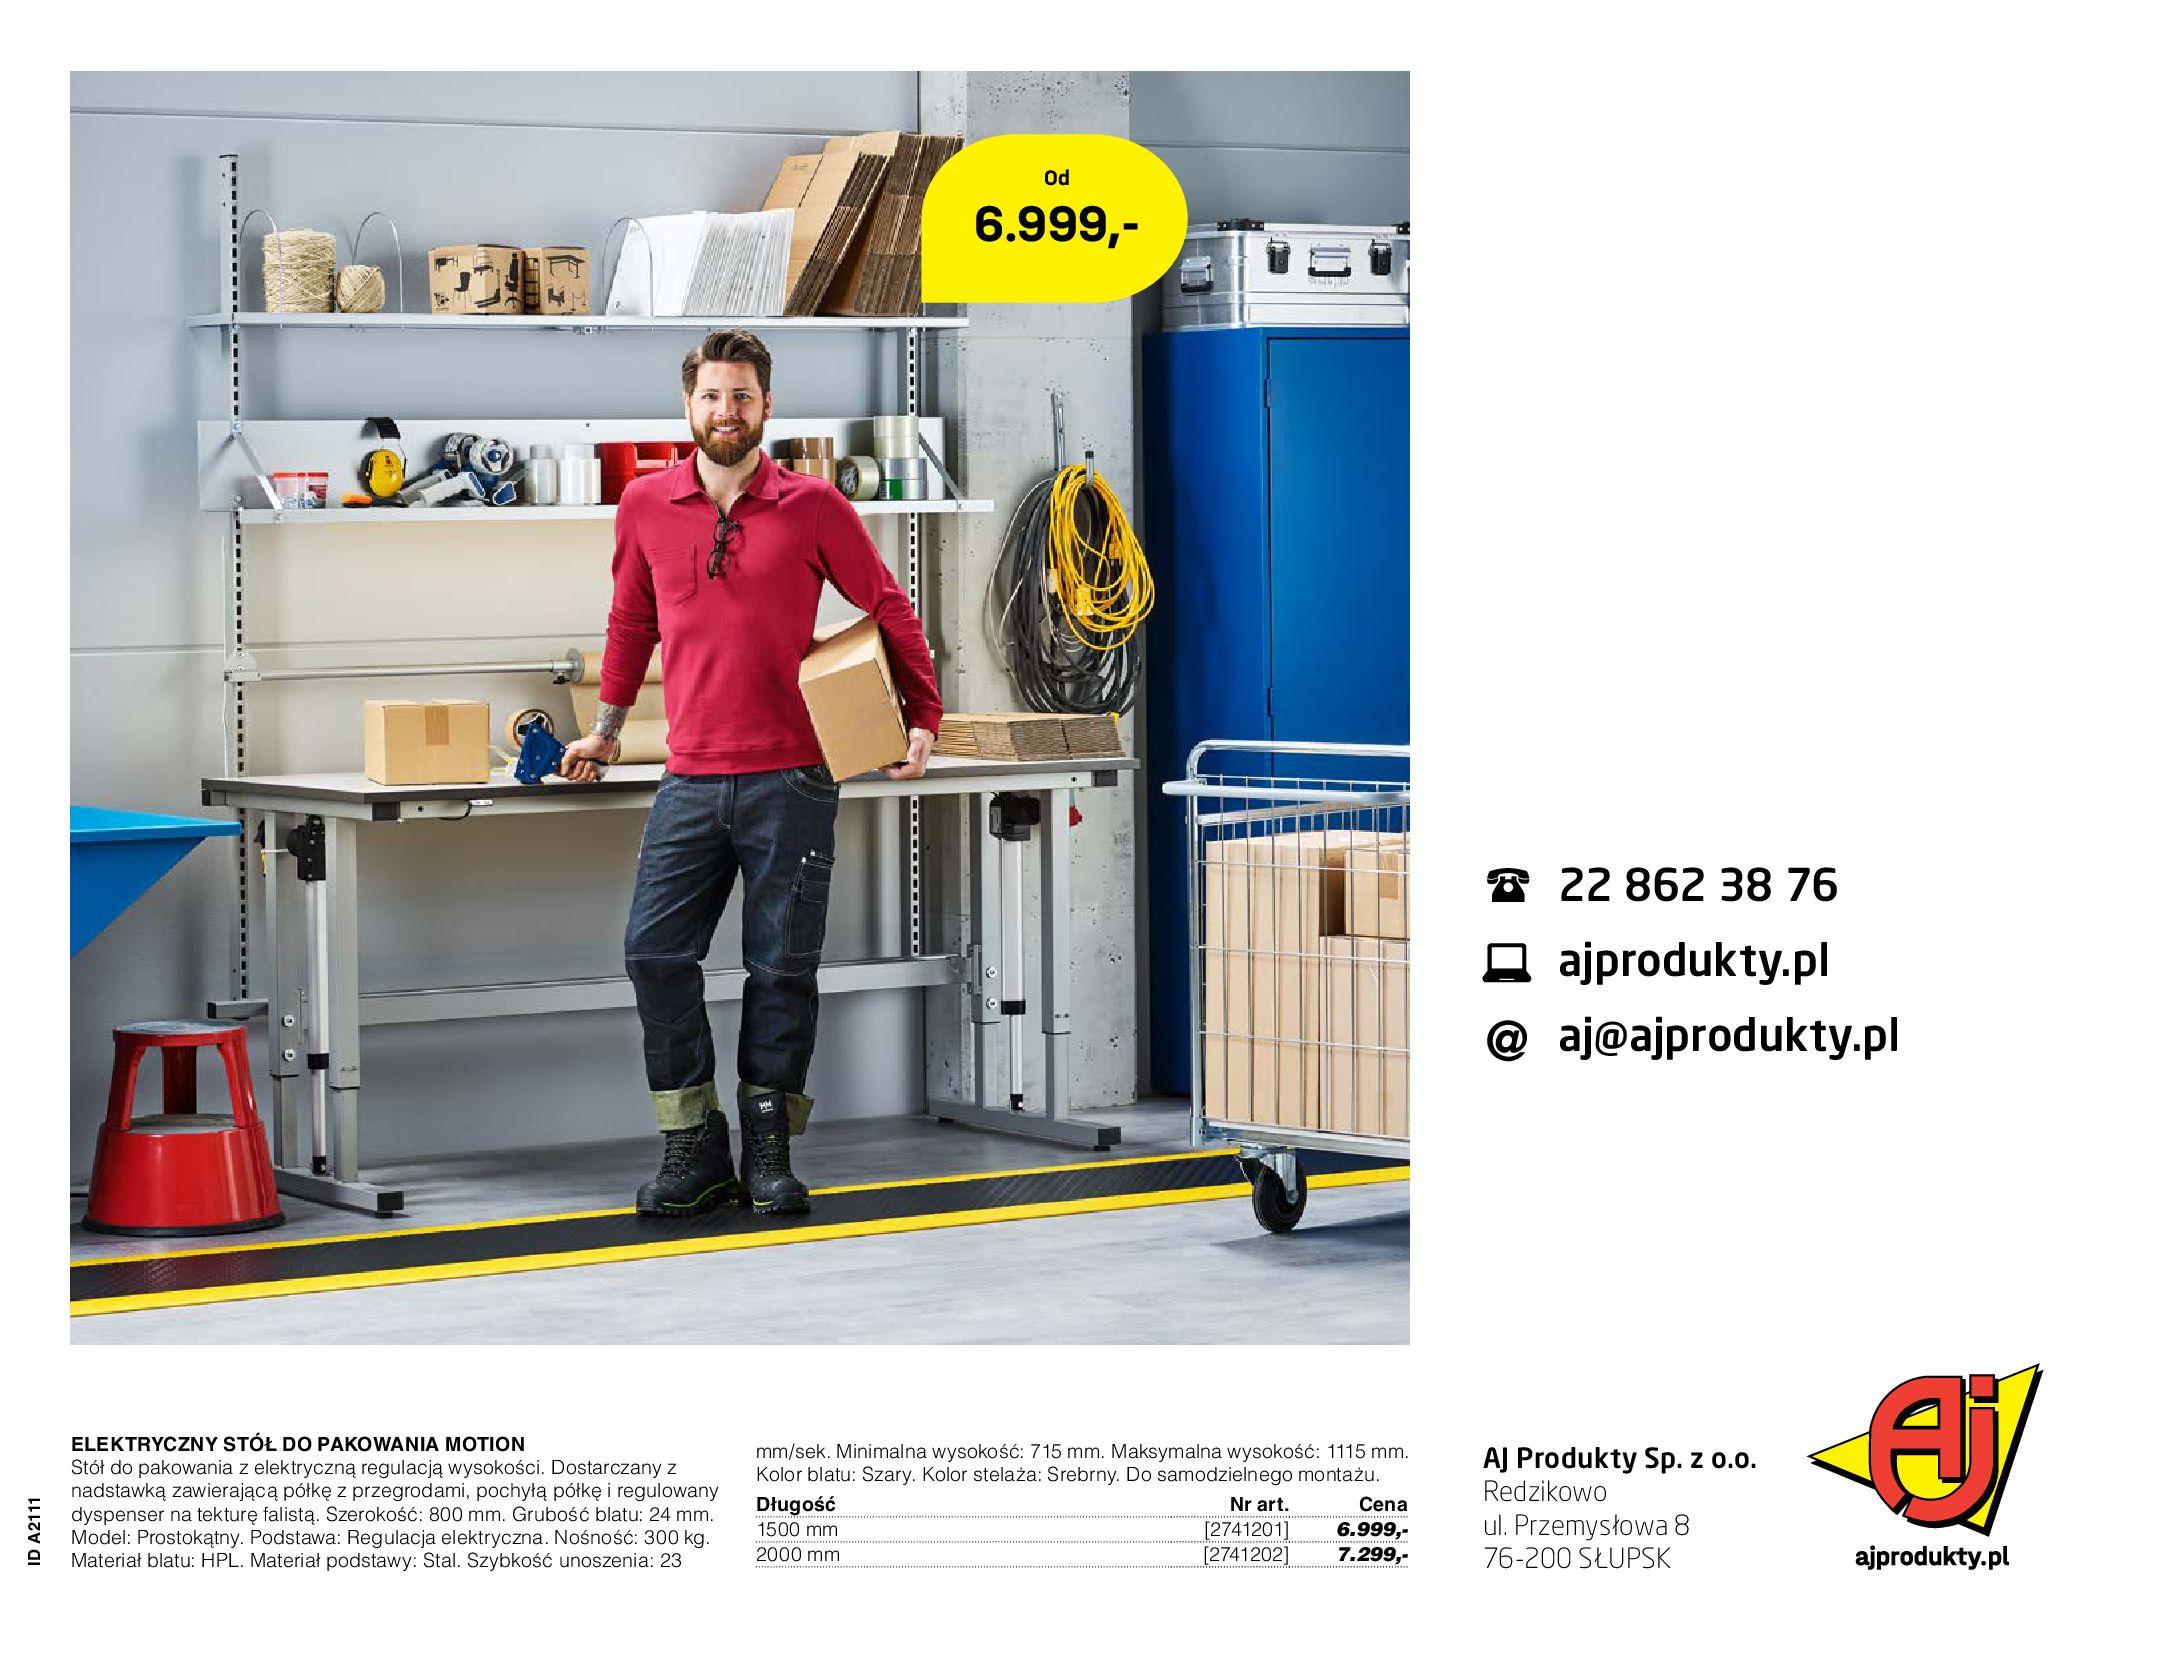 Gazetka AJ Produkty: Gazetka AJ Produkty - katalog przemysł i warsztat 2021-05-07 page-48